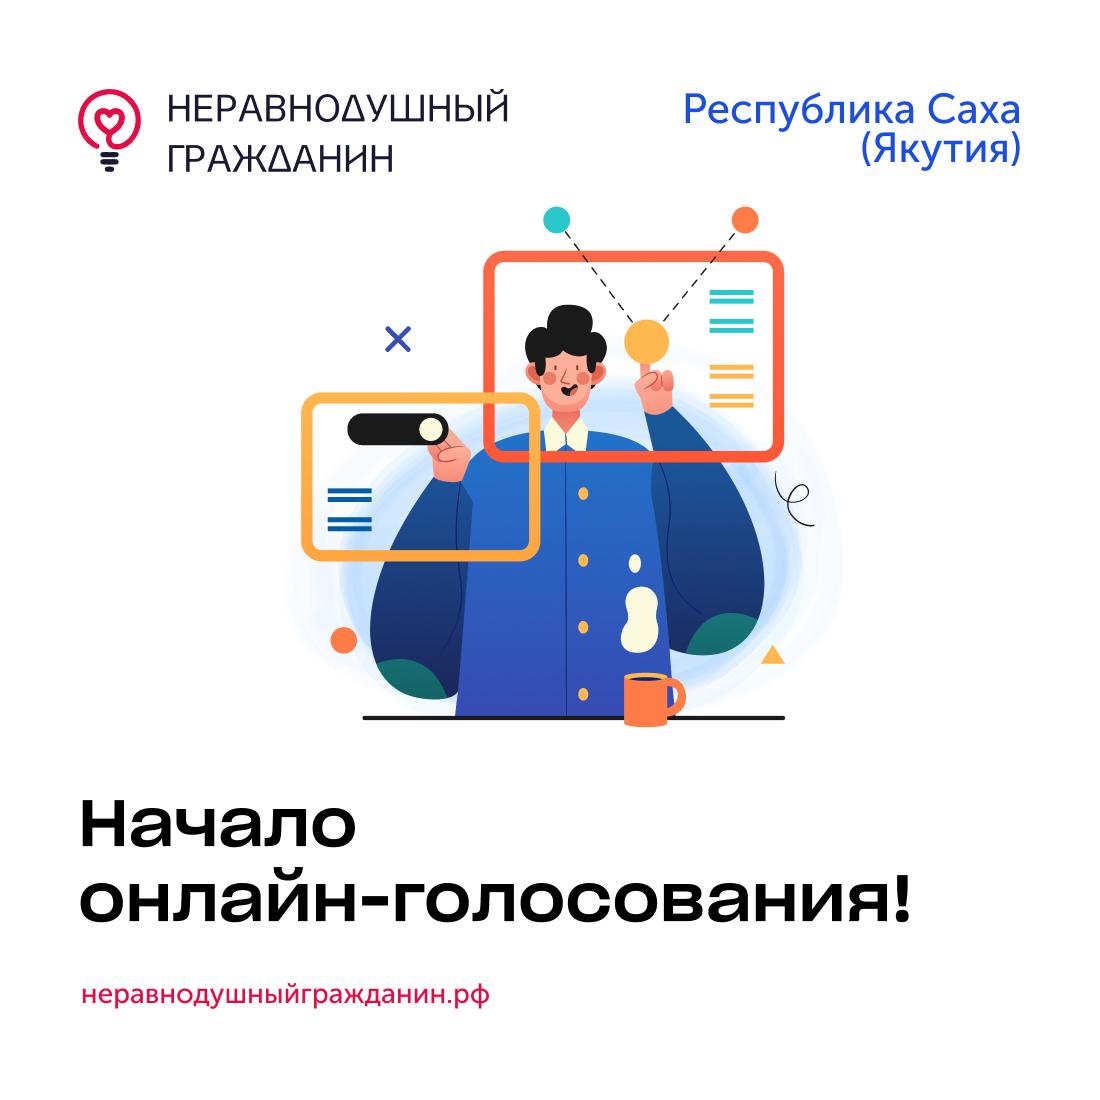 Онлайн-голосование «Выбирает Якутия» стартовало в рамках премии «Неравнодушный гражданин»